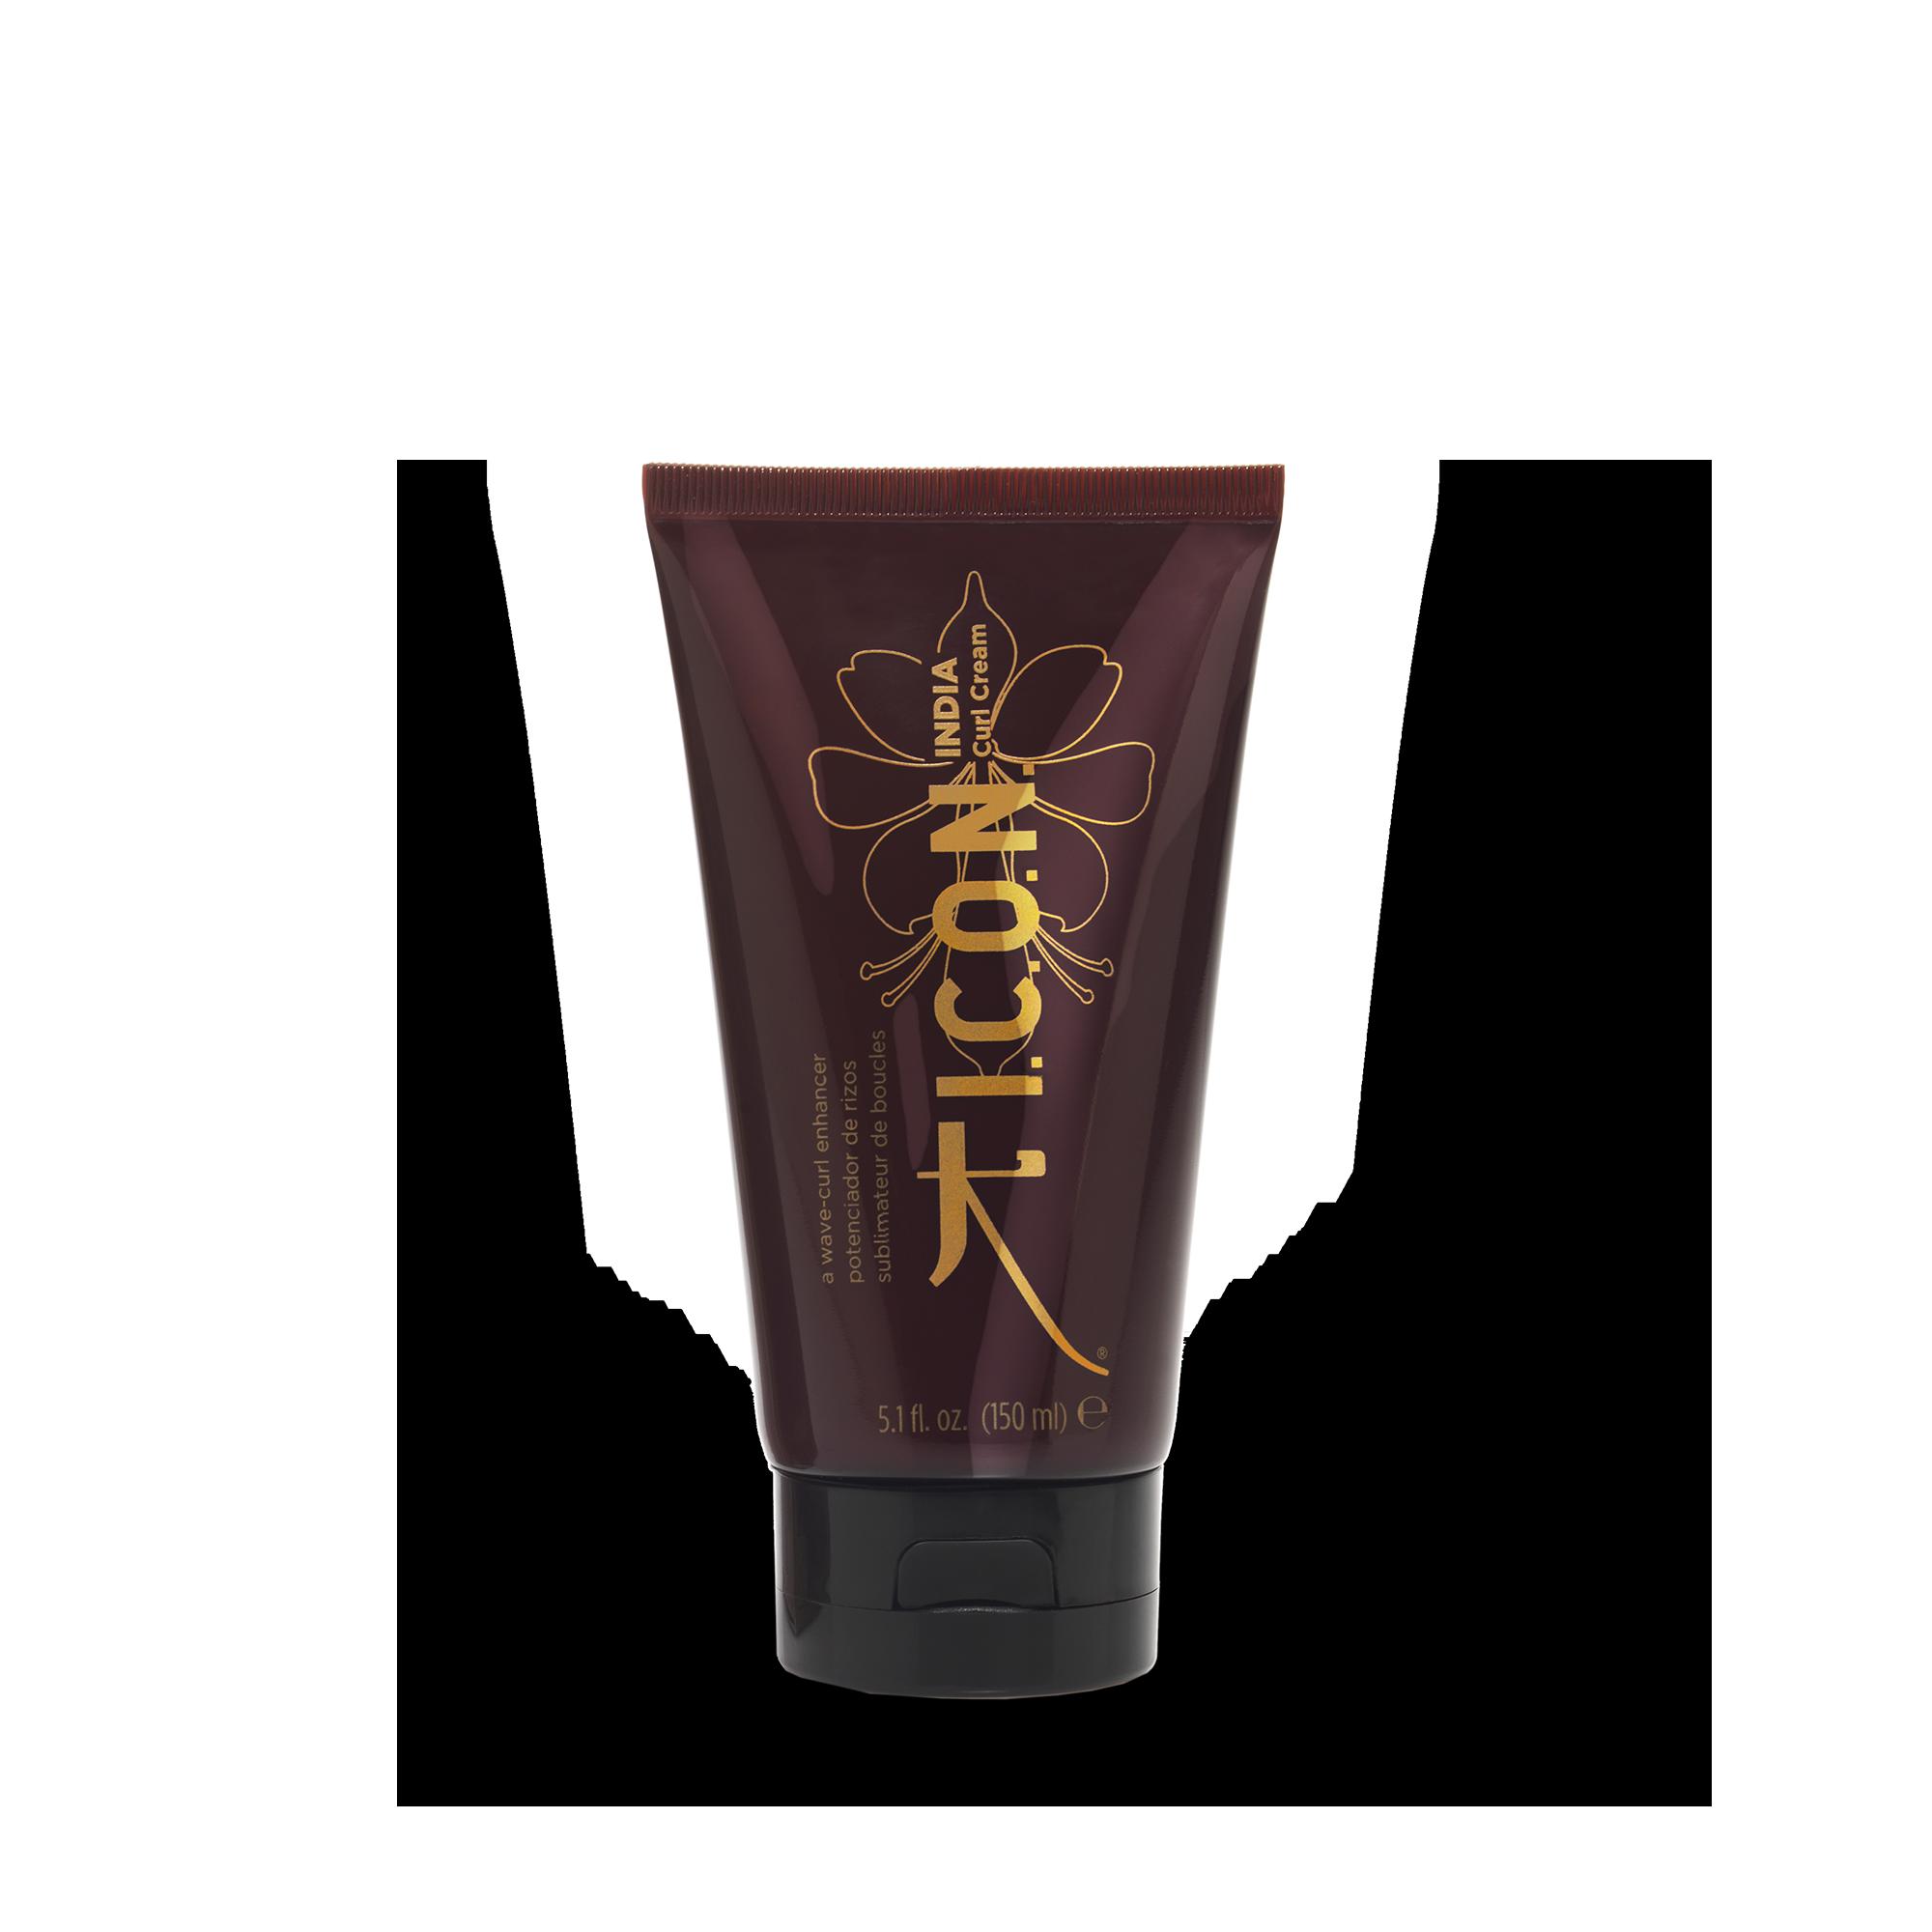 India Curl Cream es un potenciador que define rizos y da forma a las ondas además de reparar el cabello. Mejora la textura y la condición del cabello.